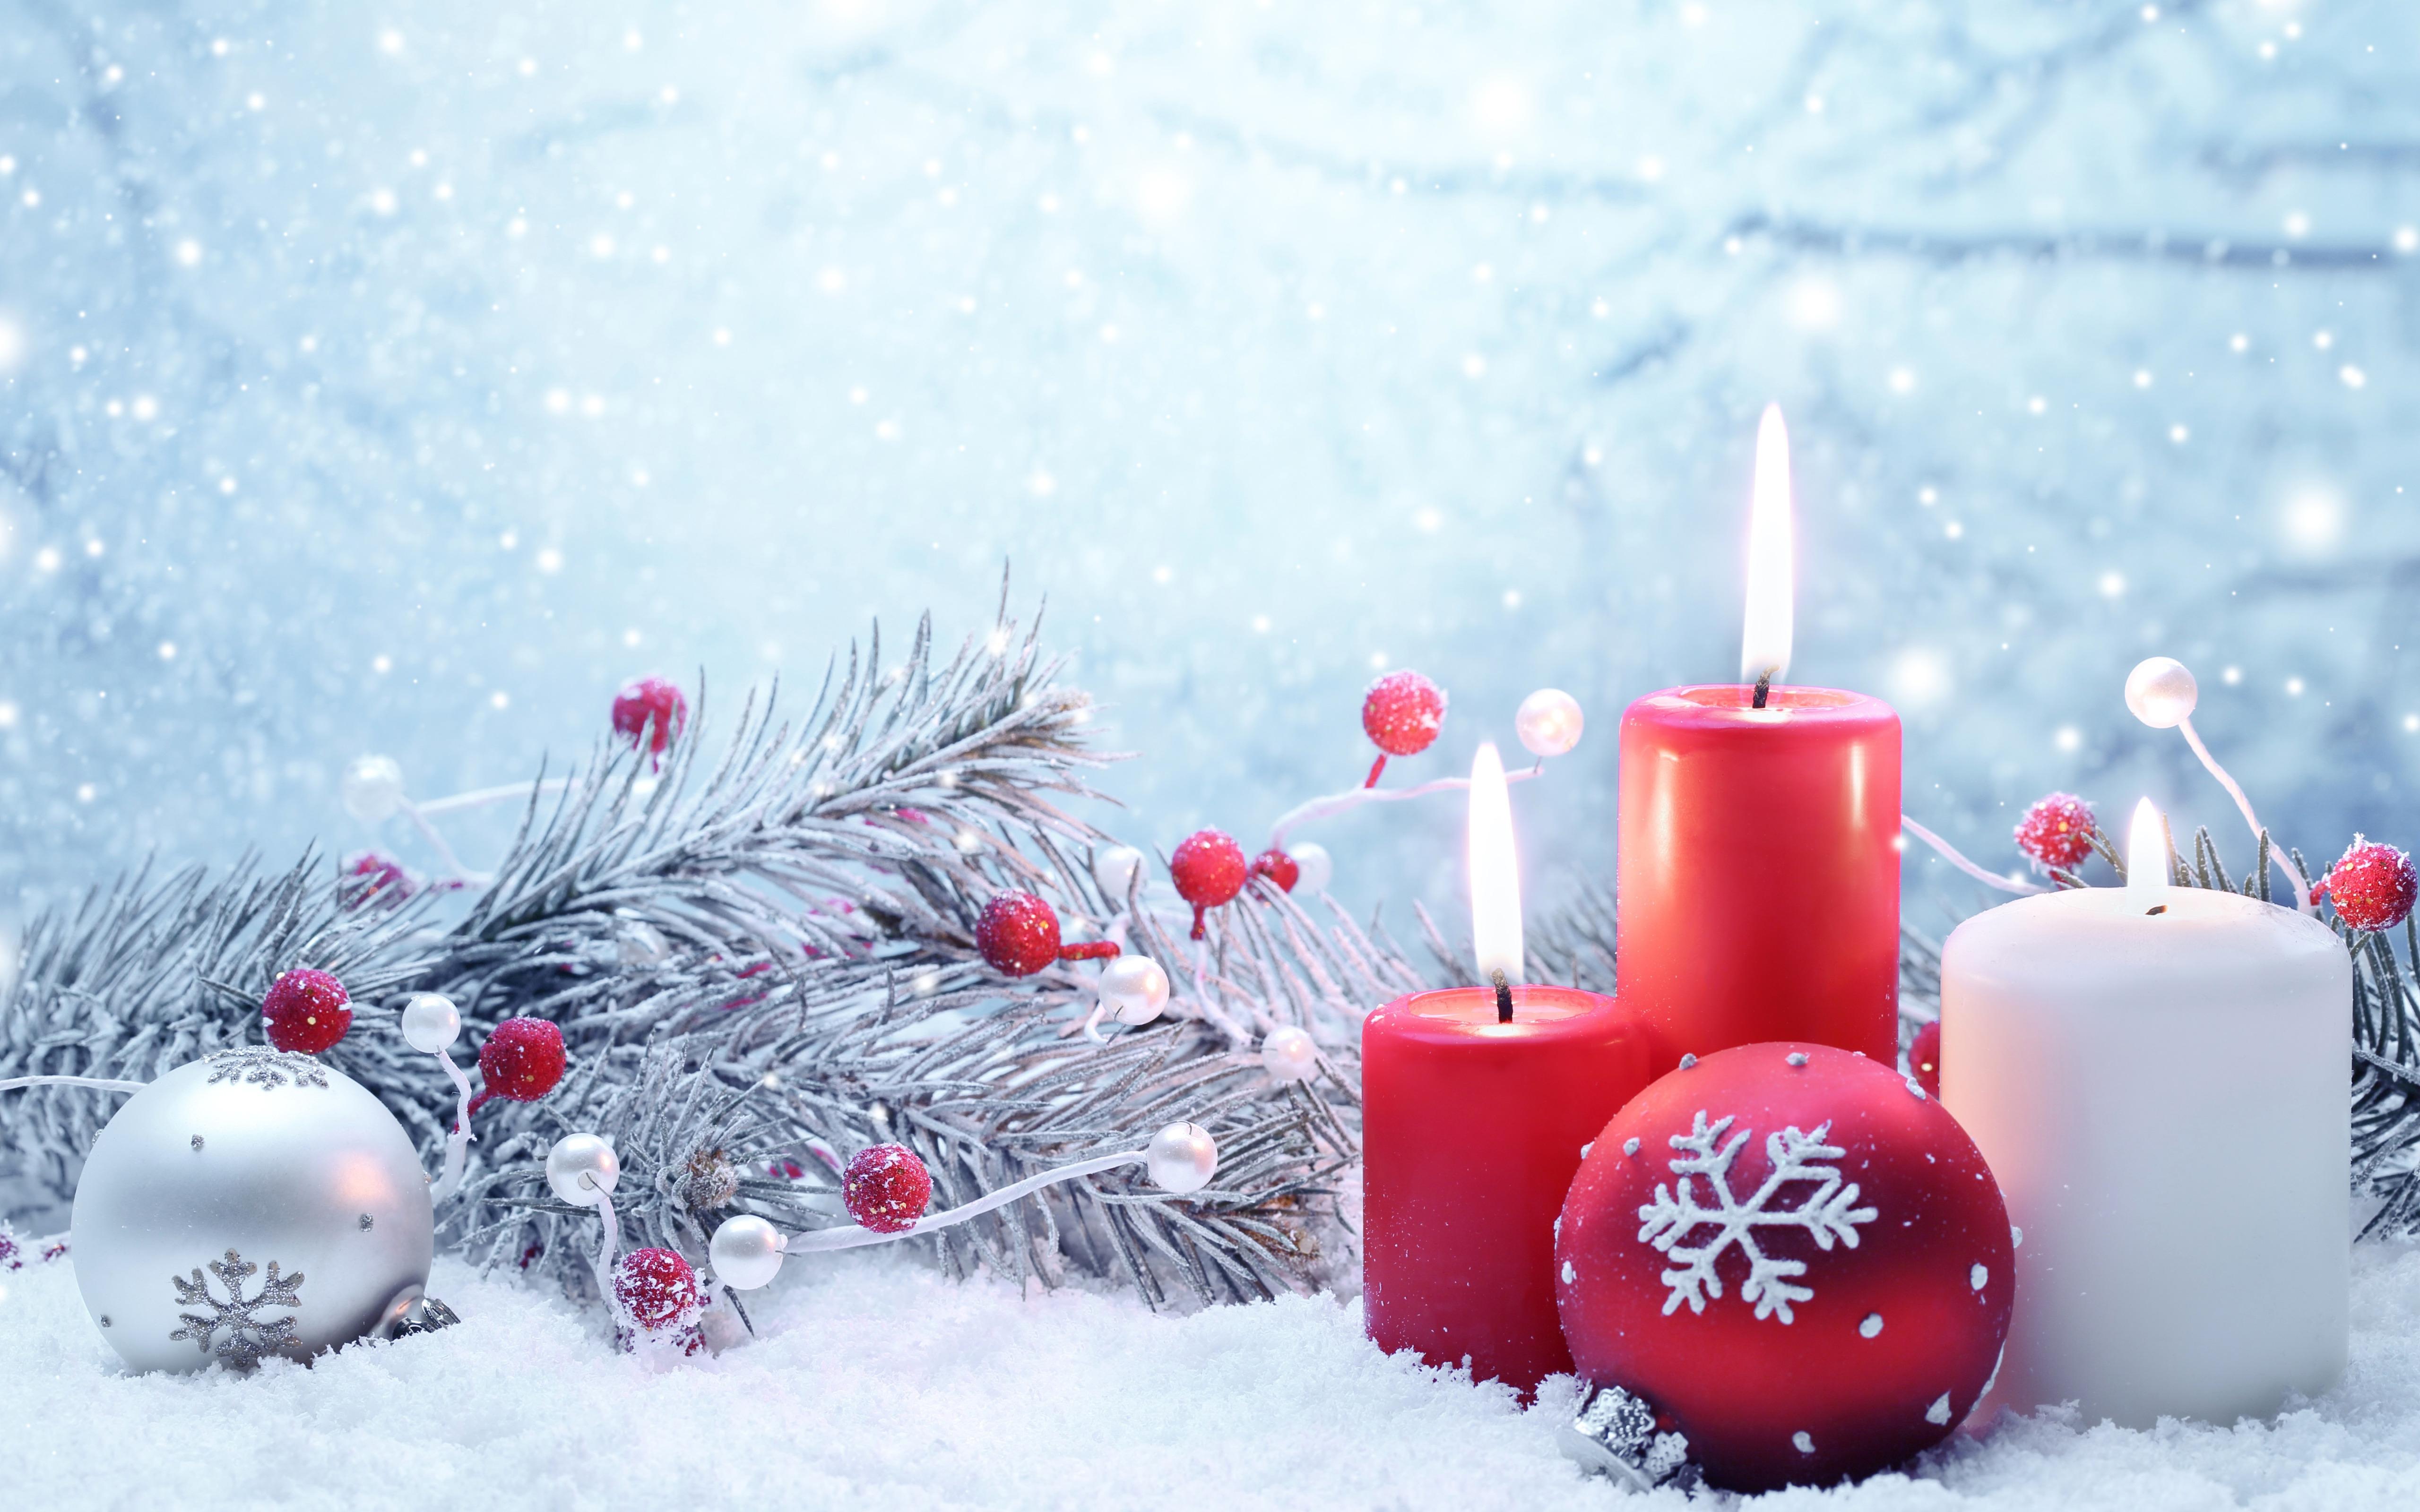 Sfondo Candele Di Natale E Neve Inverno Sfondi Hd Gratis